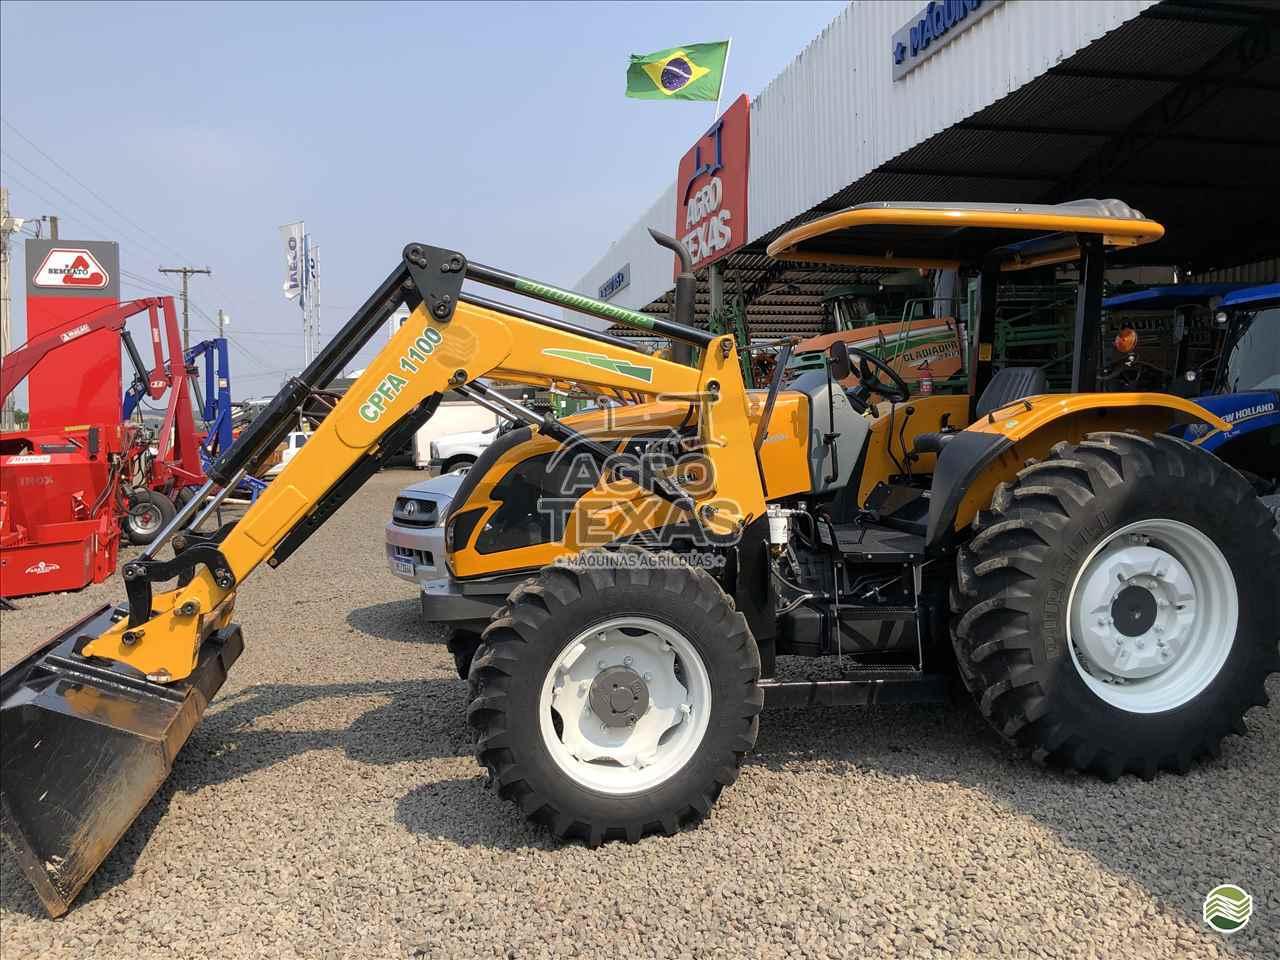 TRATOR VALTRA VALTRA 800 Tração 4x4 Agro Texas Máquinas Agrícolas VITORINO PARANÁ PR